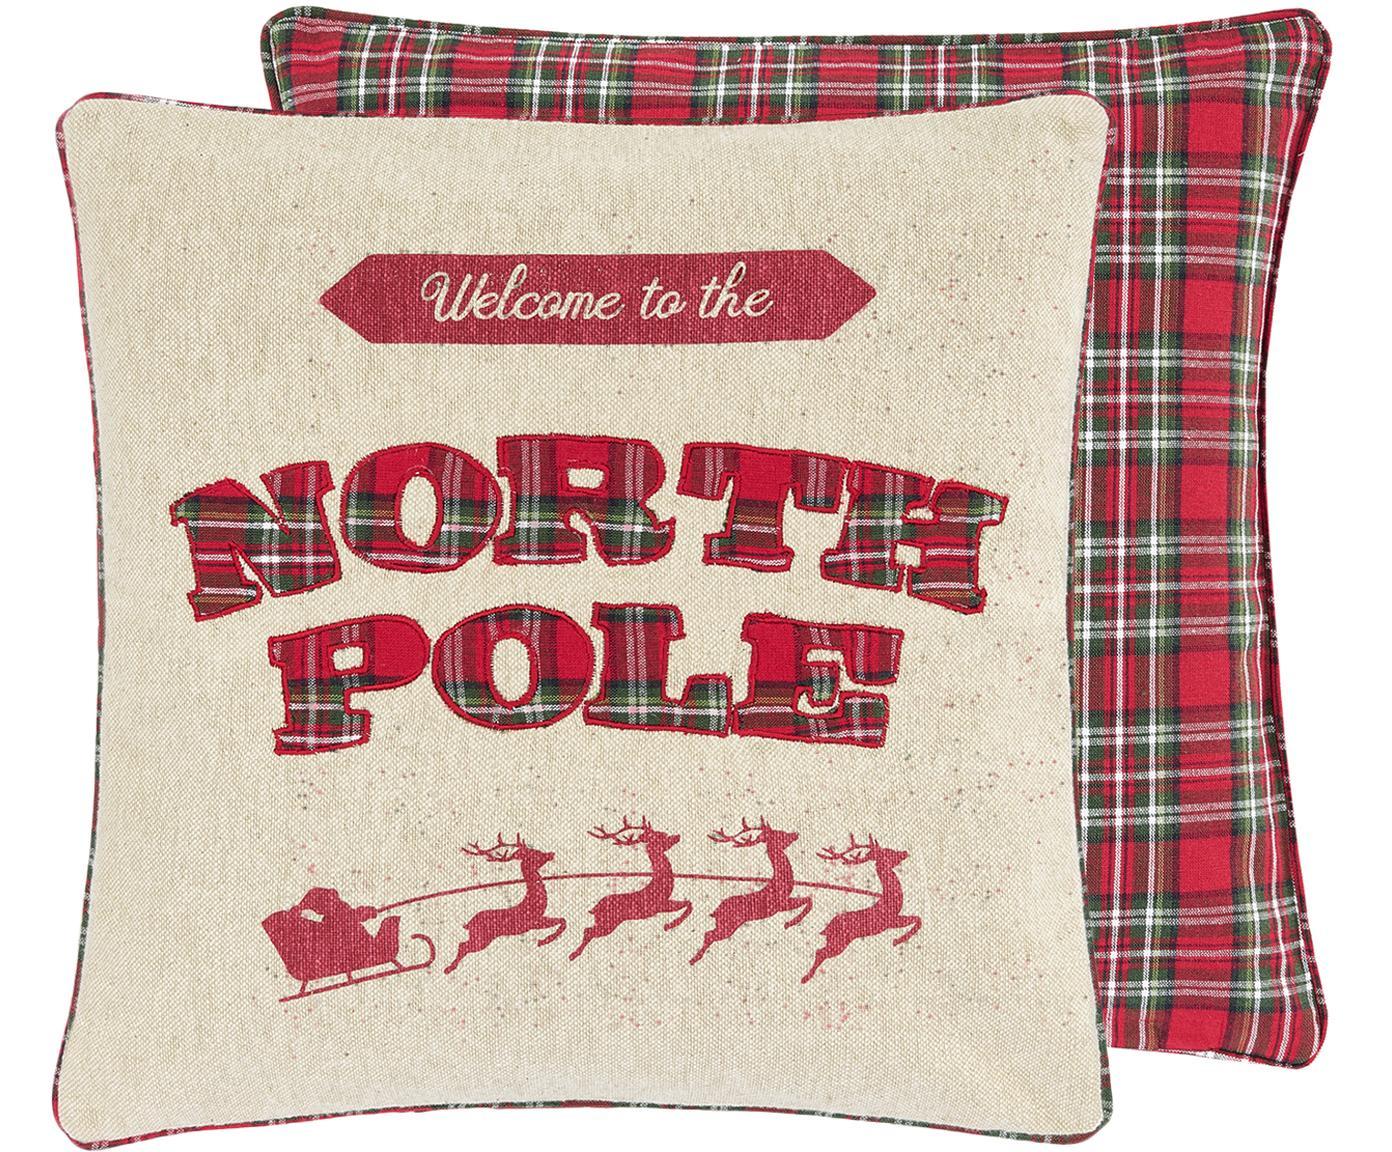 Kussenhoes North Pole, 100% katoen, Voorzijde: beige, rood, donkergroen. Achterzijde: rood, donkergroen geruit, 45 x 45 cm